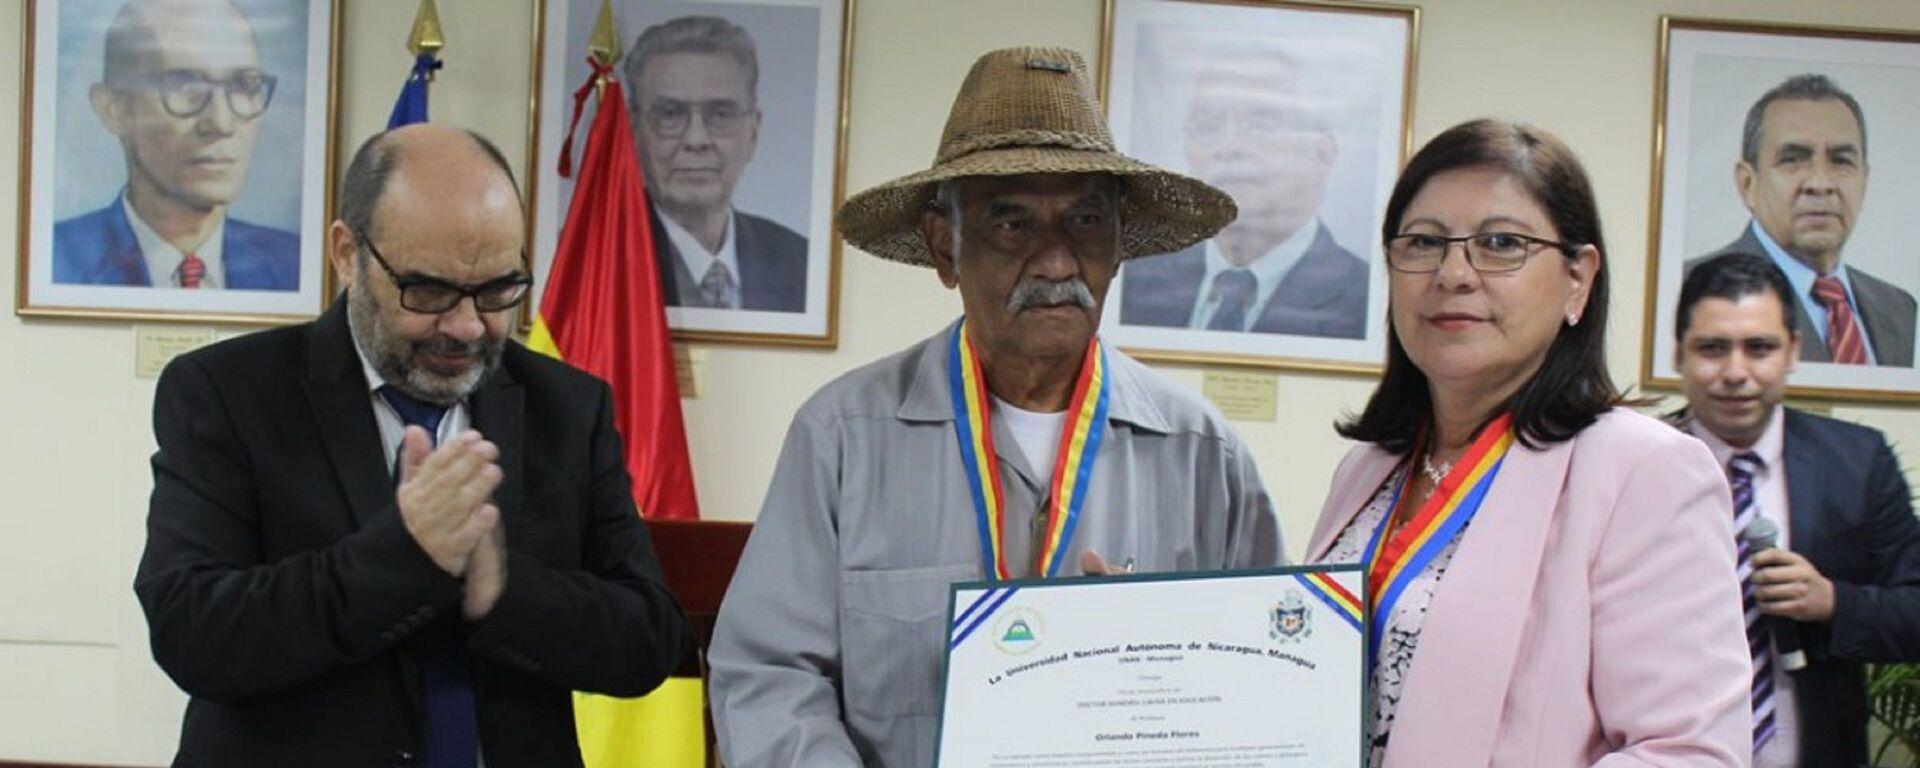 La Rectora de UNAN-Managua, Ramona Rodríguez Pérez, otorga el título de Doctor Honoris Causa en Educación al profesor Orlando Pineda - Sputnik Mundo, 1920, 30.04.2021